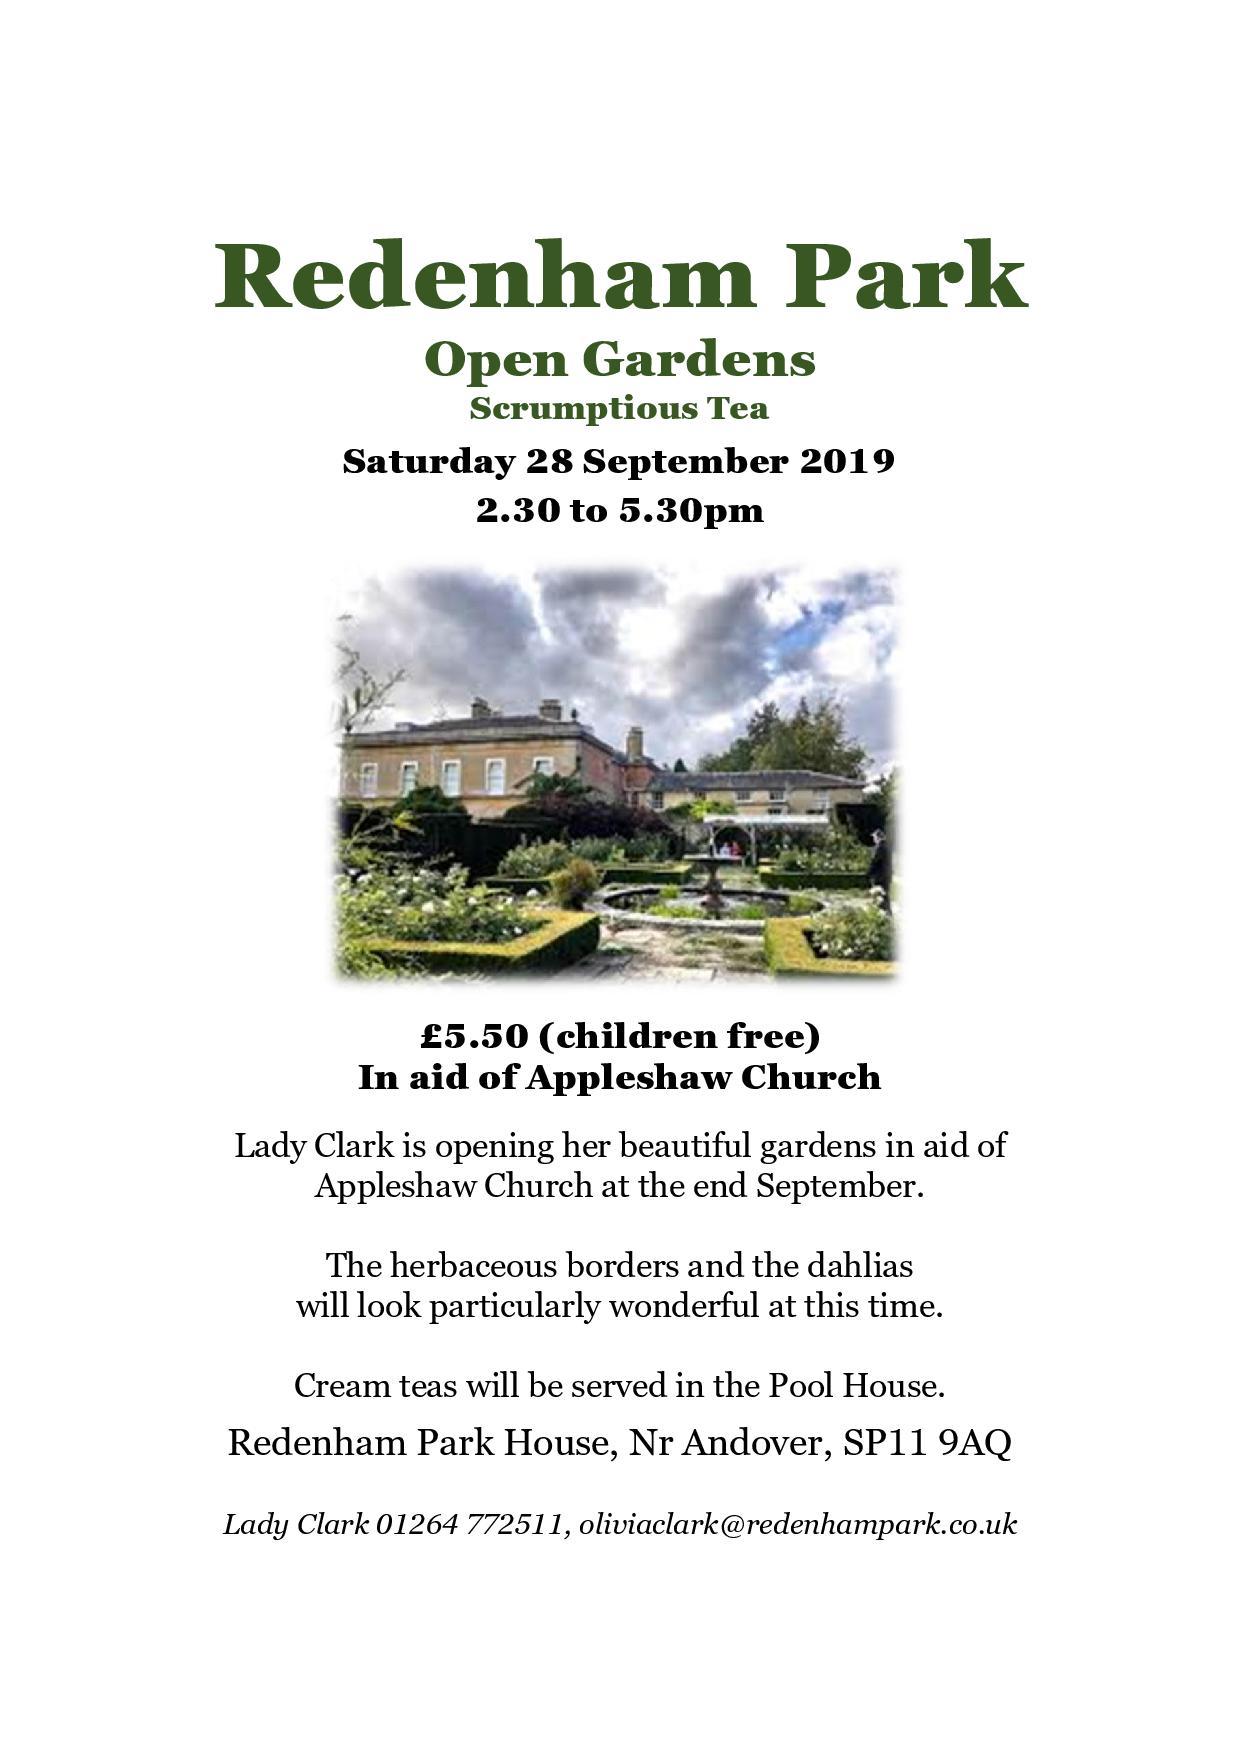 redenham-park-open-garden-flyer_email-version-page-001